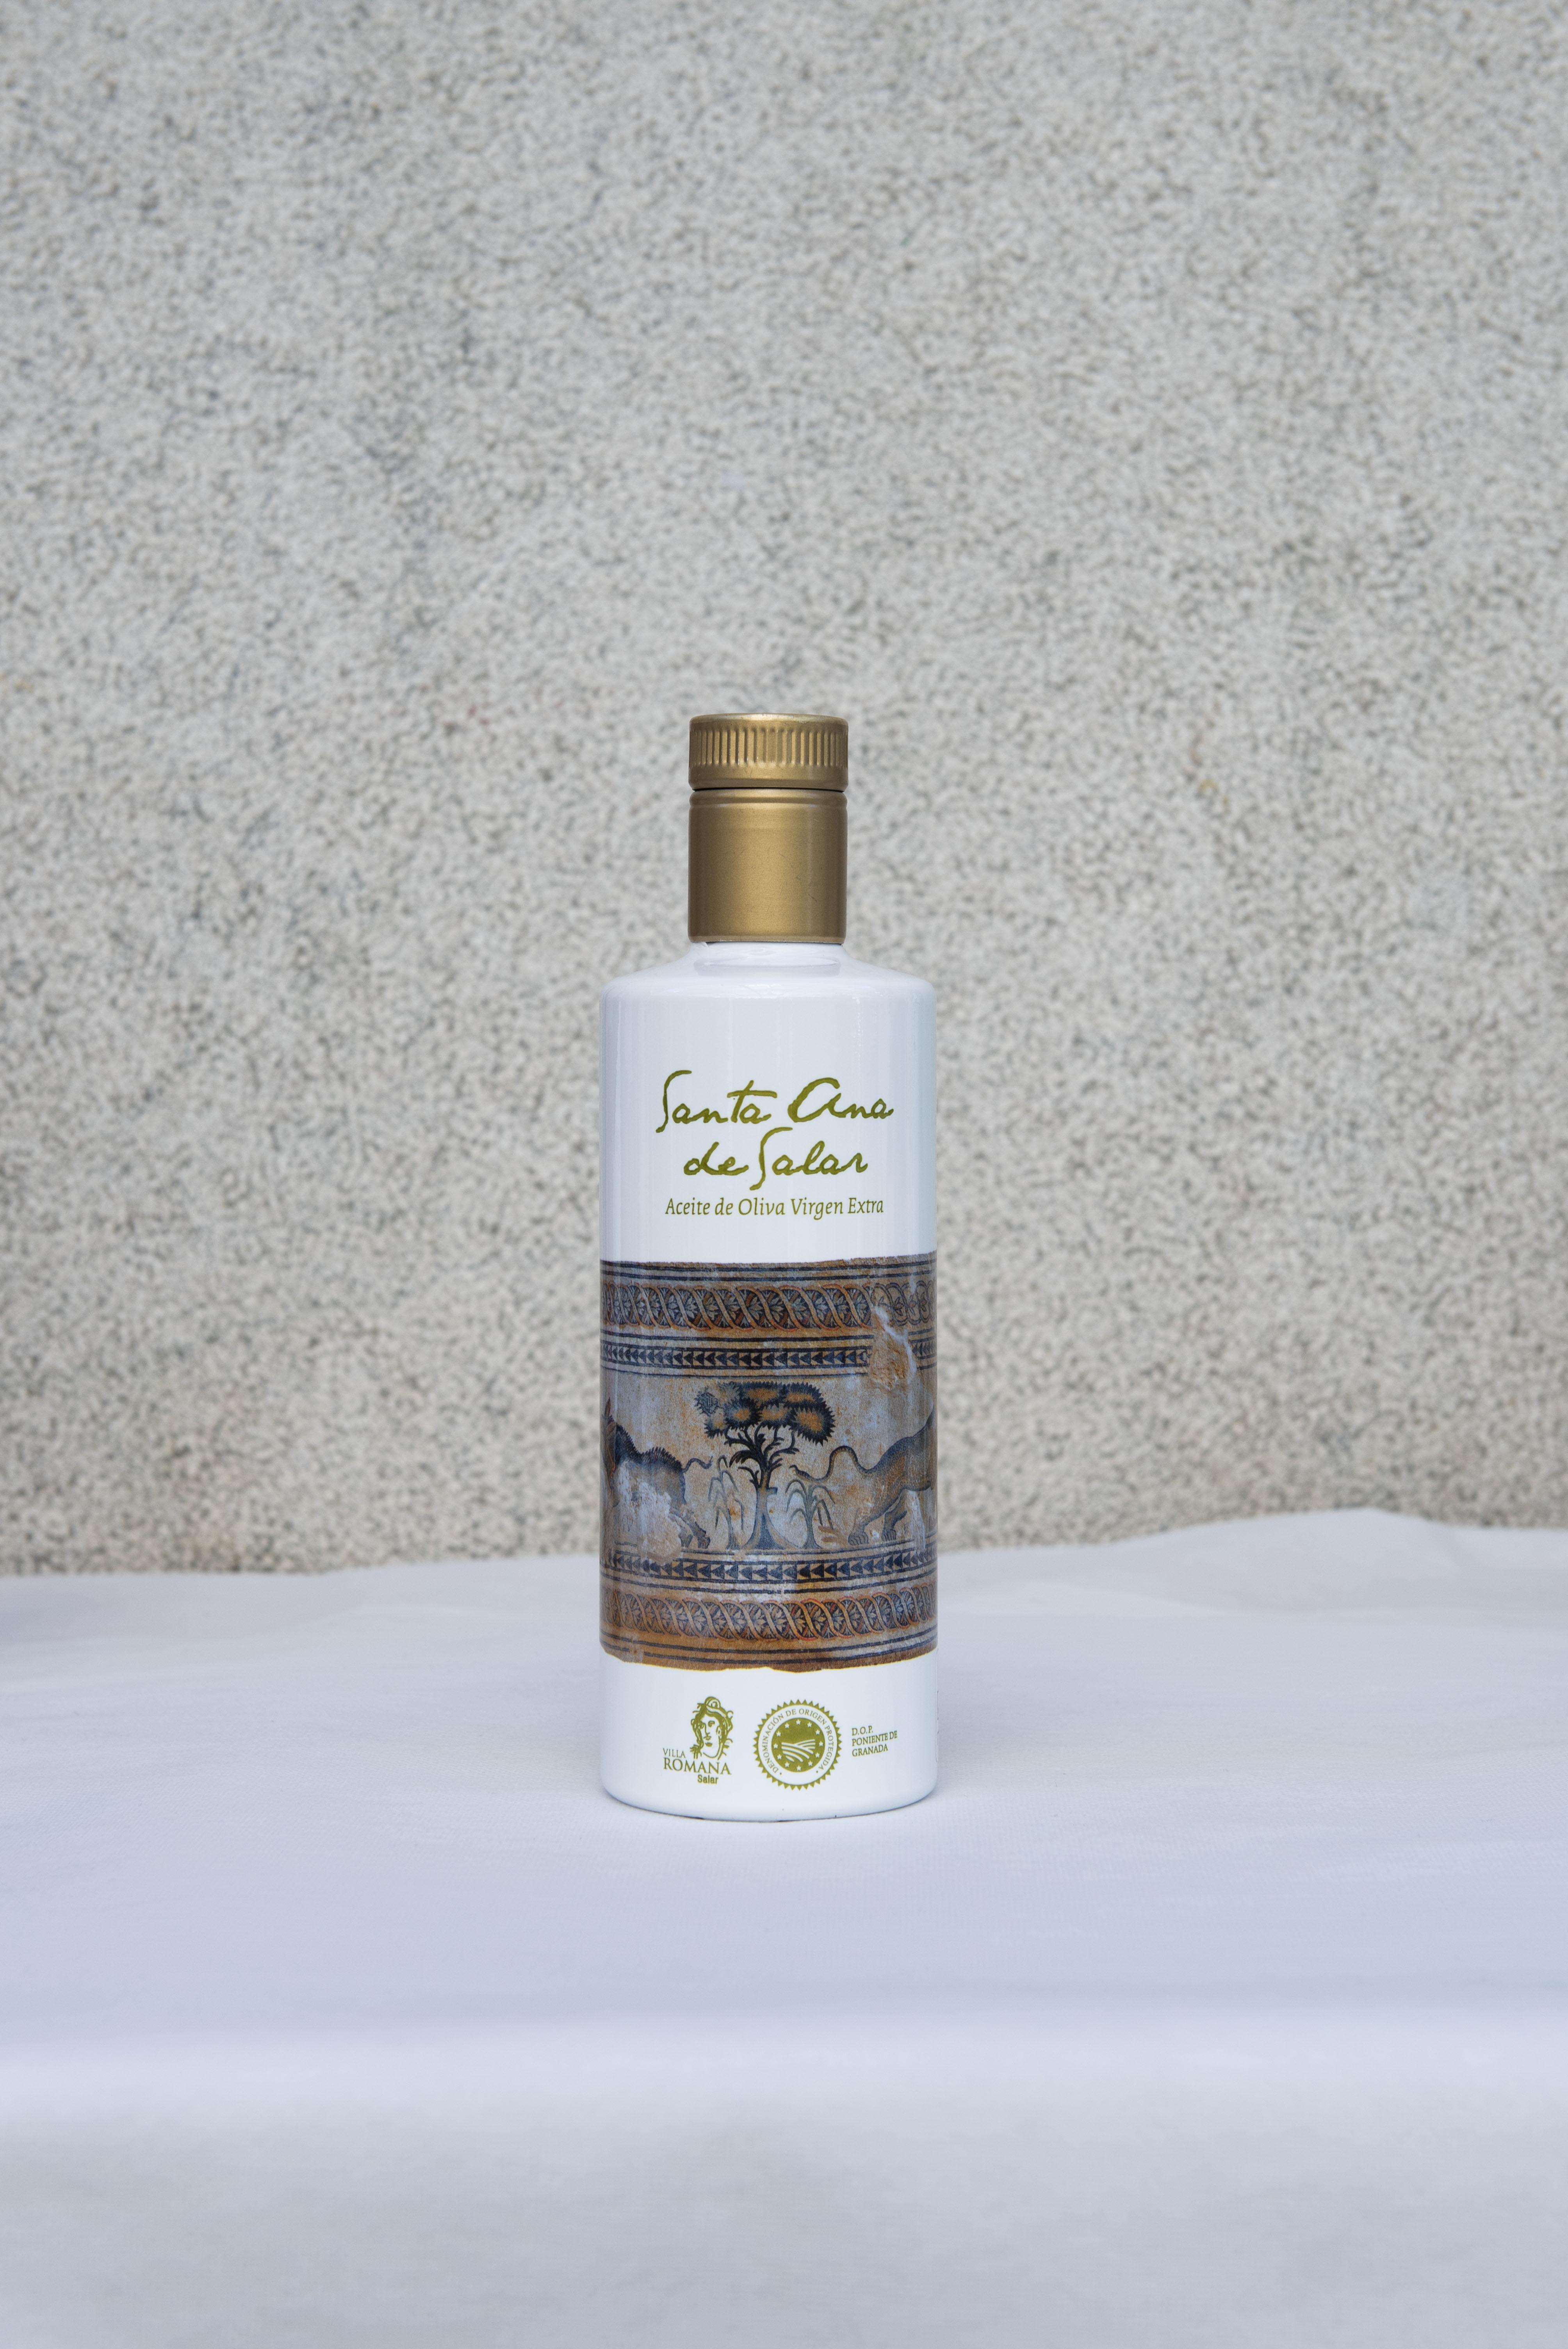 La Diputación reconoce a los mejores aceites de oliva virgen extra de la provincia